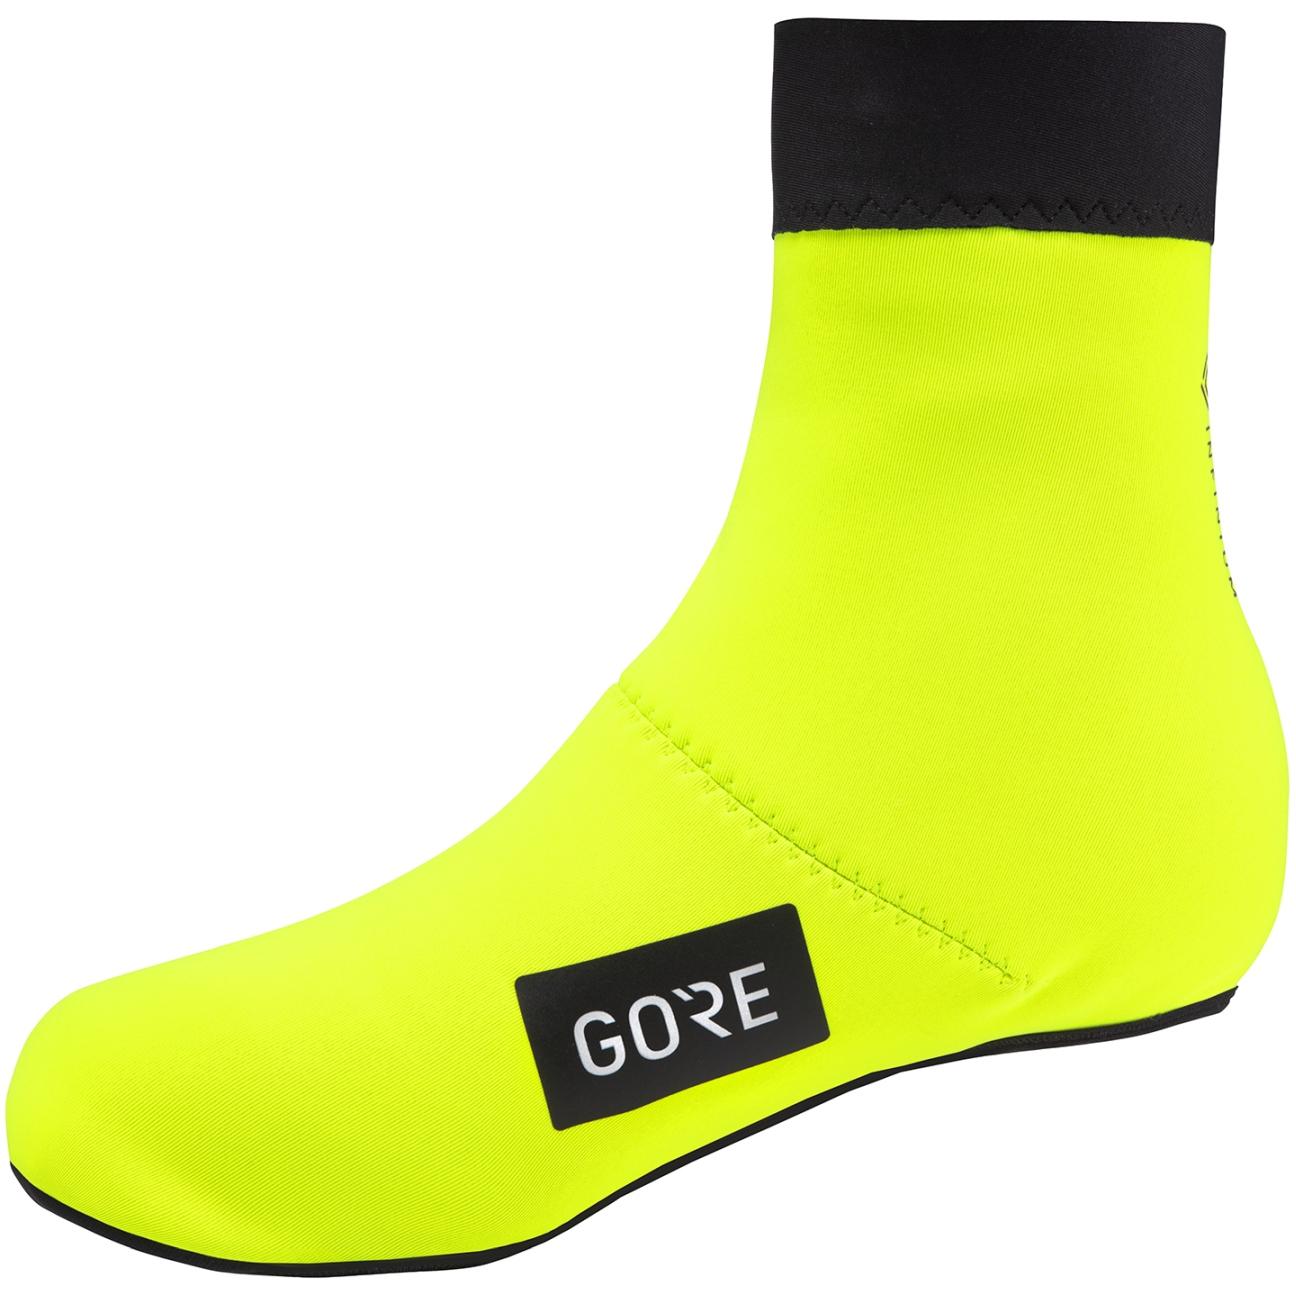 Produktbild von GORE Wear Shield Thermo Überschuhe - neon gelb/schwarz 0899